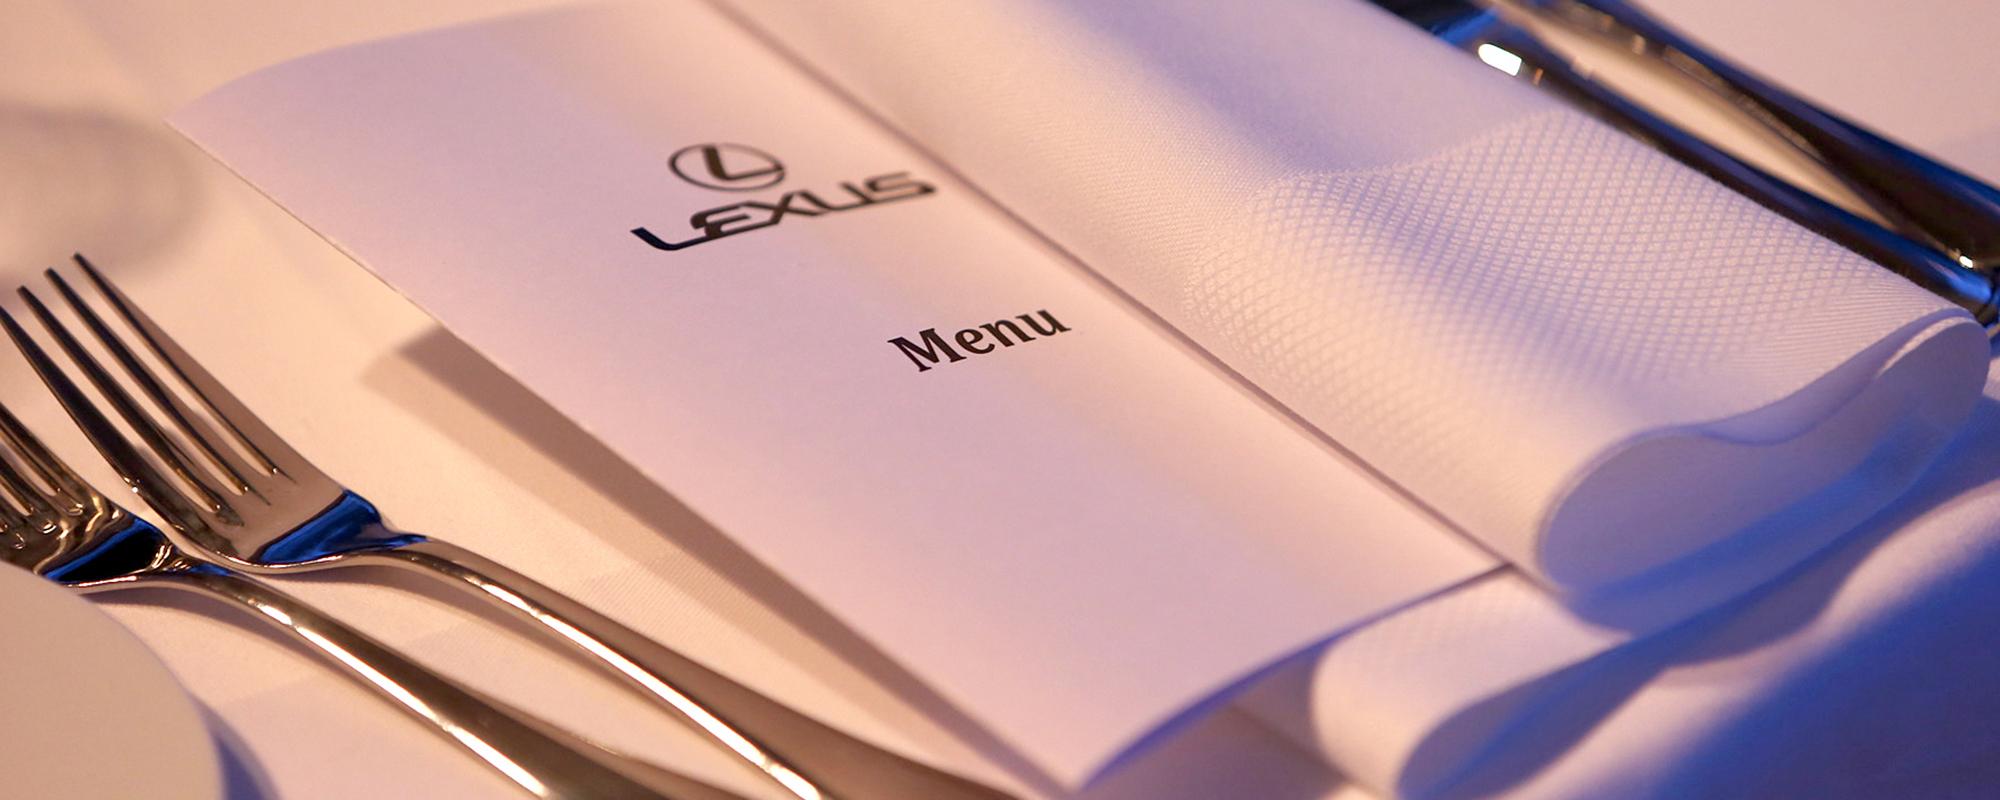 Toprestaurants van JRE en Lexus sluiten alliantie